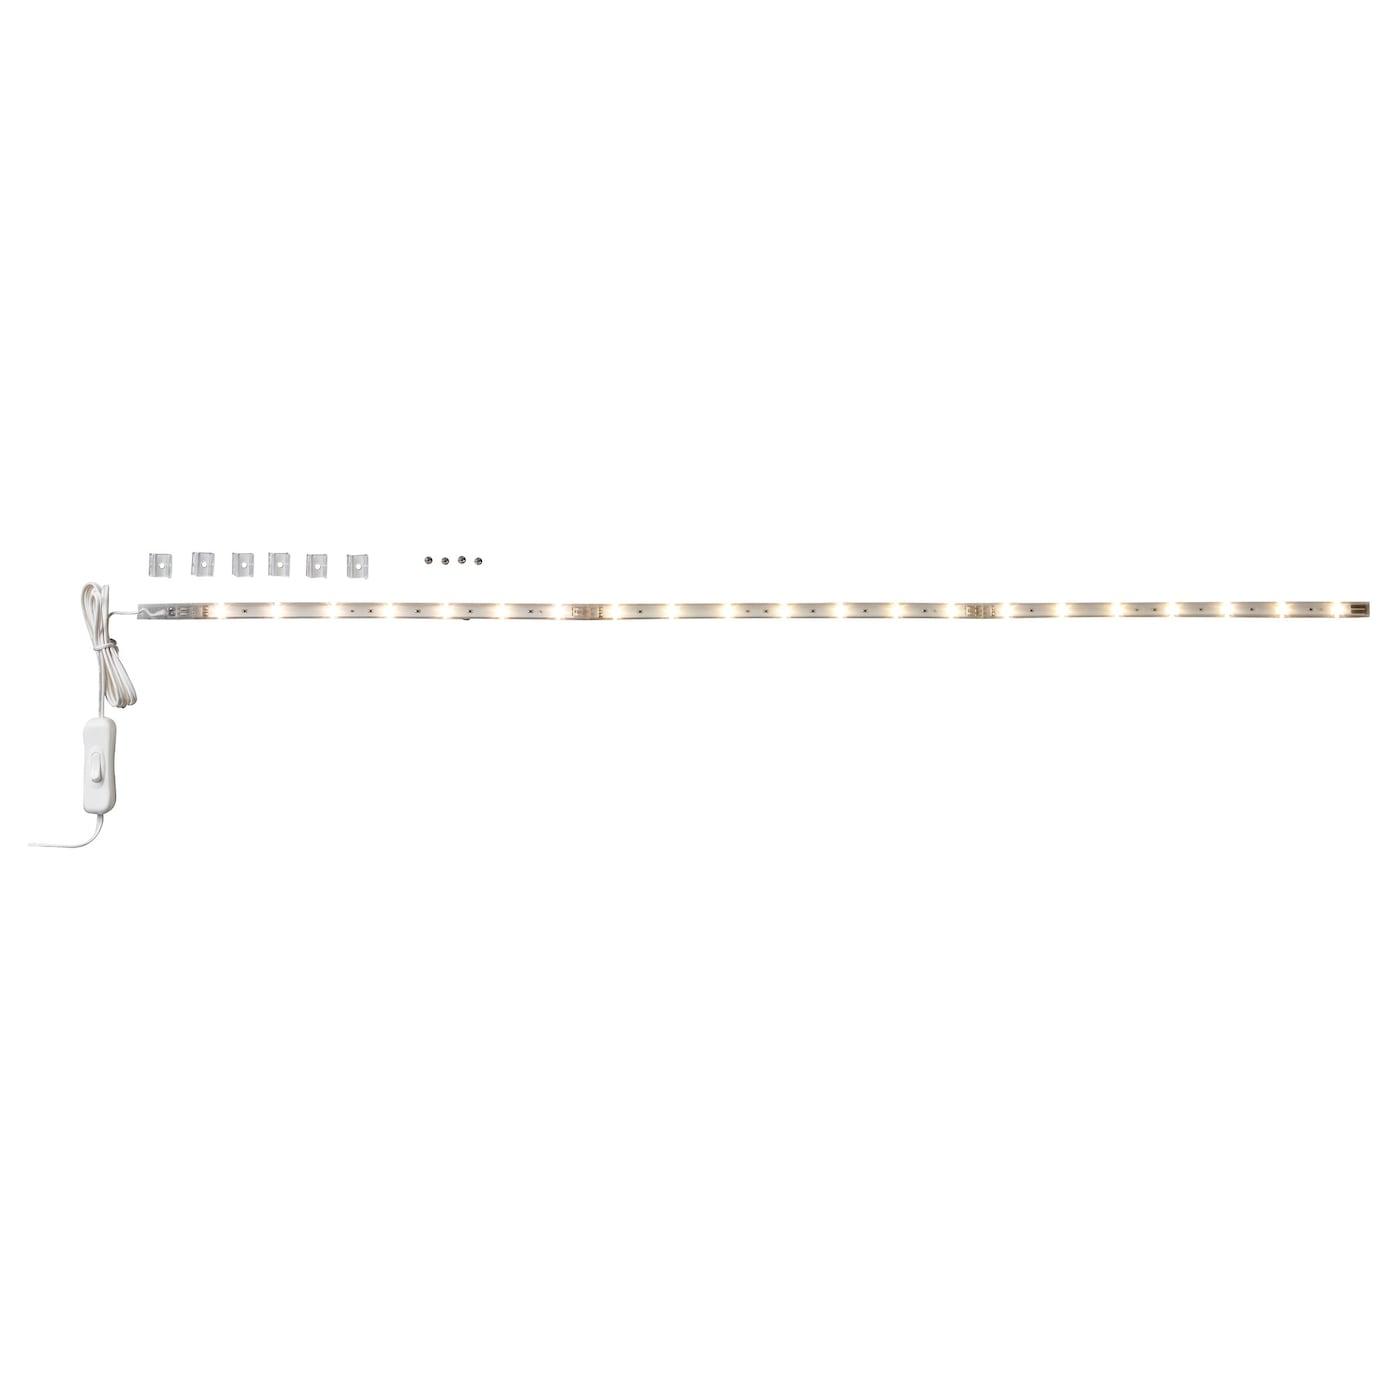 Ledberg baguette lumineuse souple led blanc 5 m ikea - Illuminazione a led ikea ...